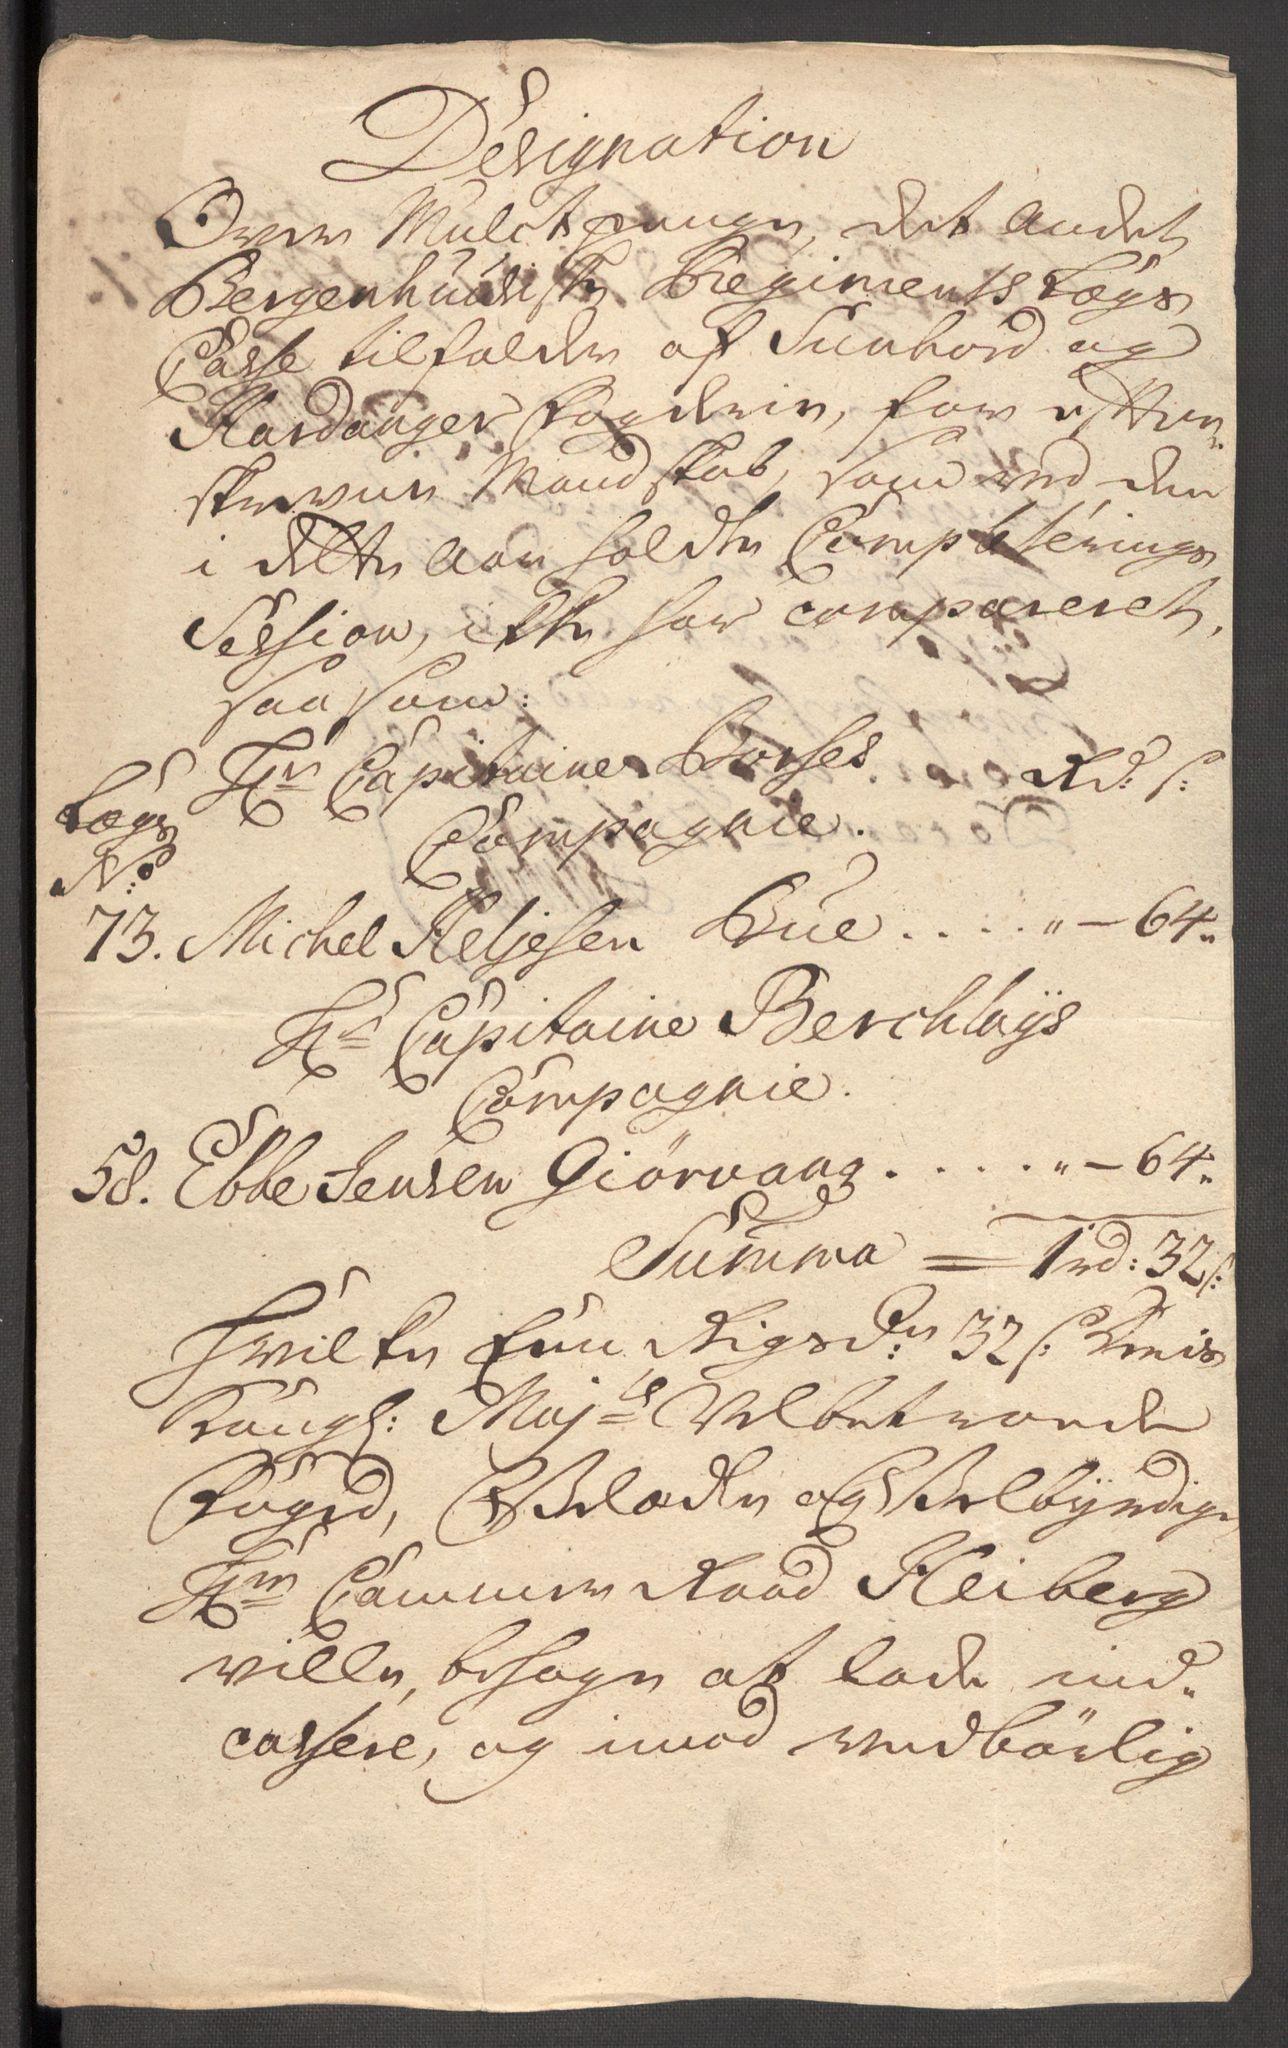 RA, Rentekammeret inntil 1814, Reviderte regnskaper, Fogderegnskap, R48/L3056: Fogderegnskap Sunnhordland og Hardanger, 1751, s. 163